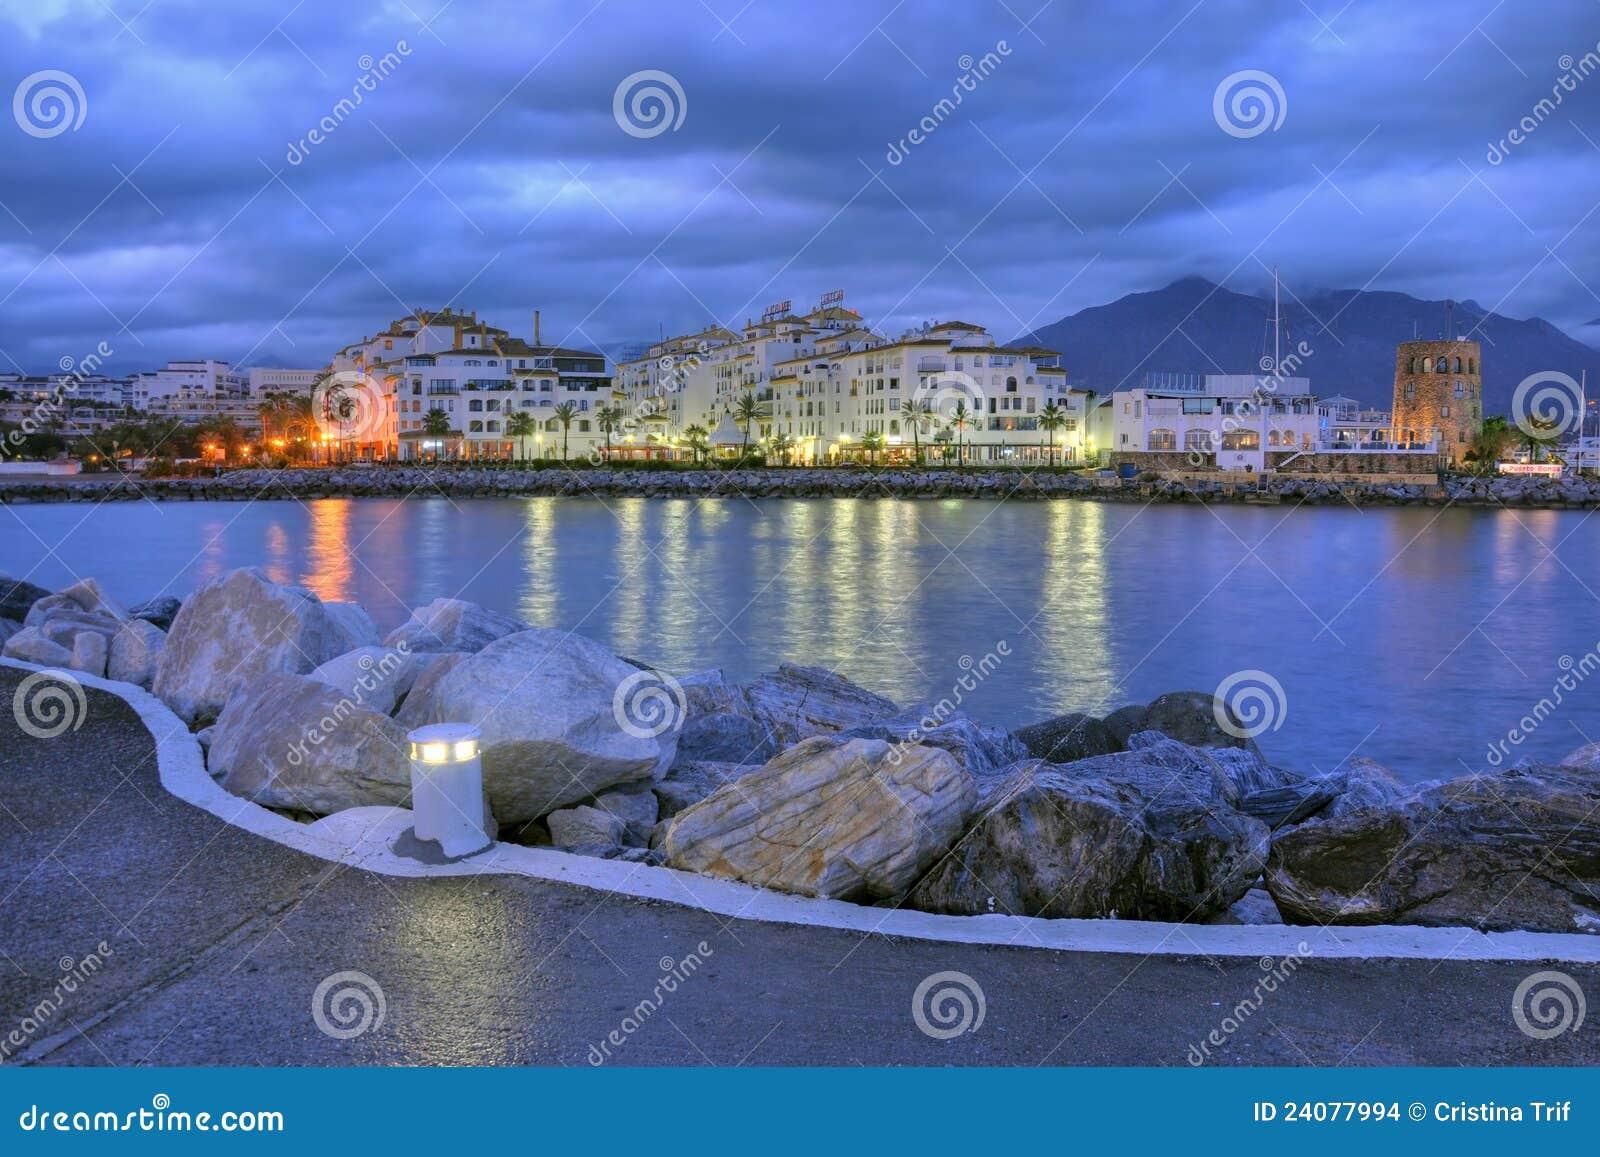 Puerto banus by night costa del sol spain stock photo for Puerto banus costa del sol